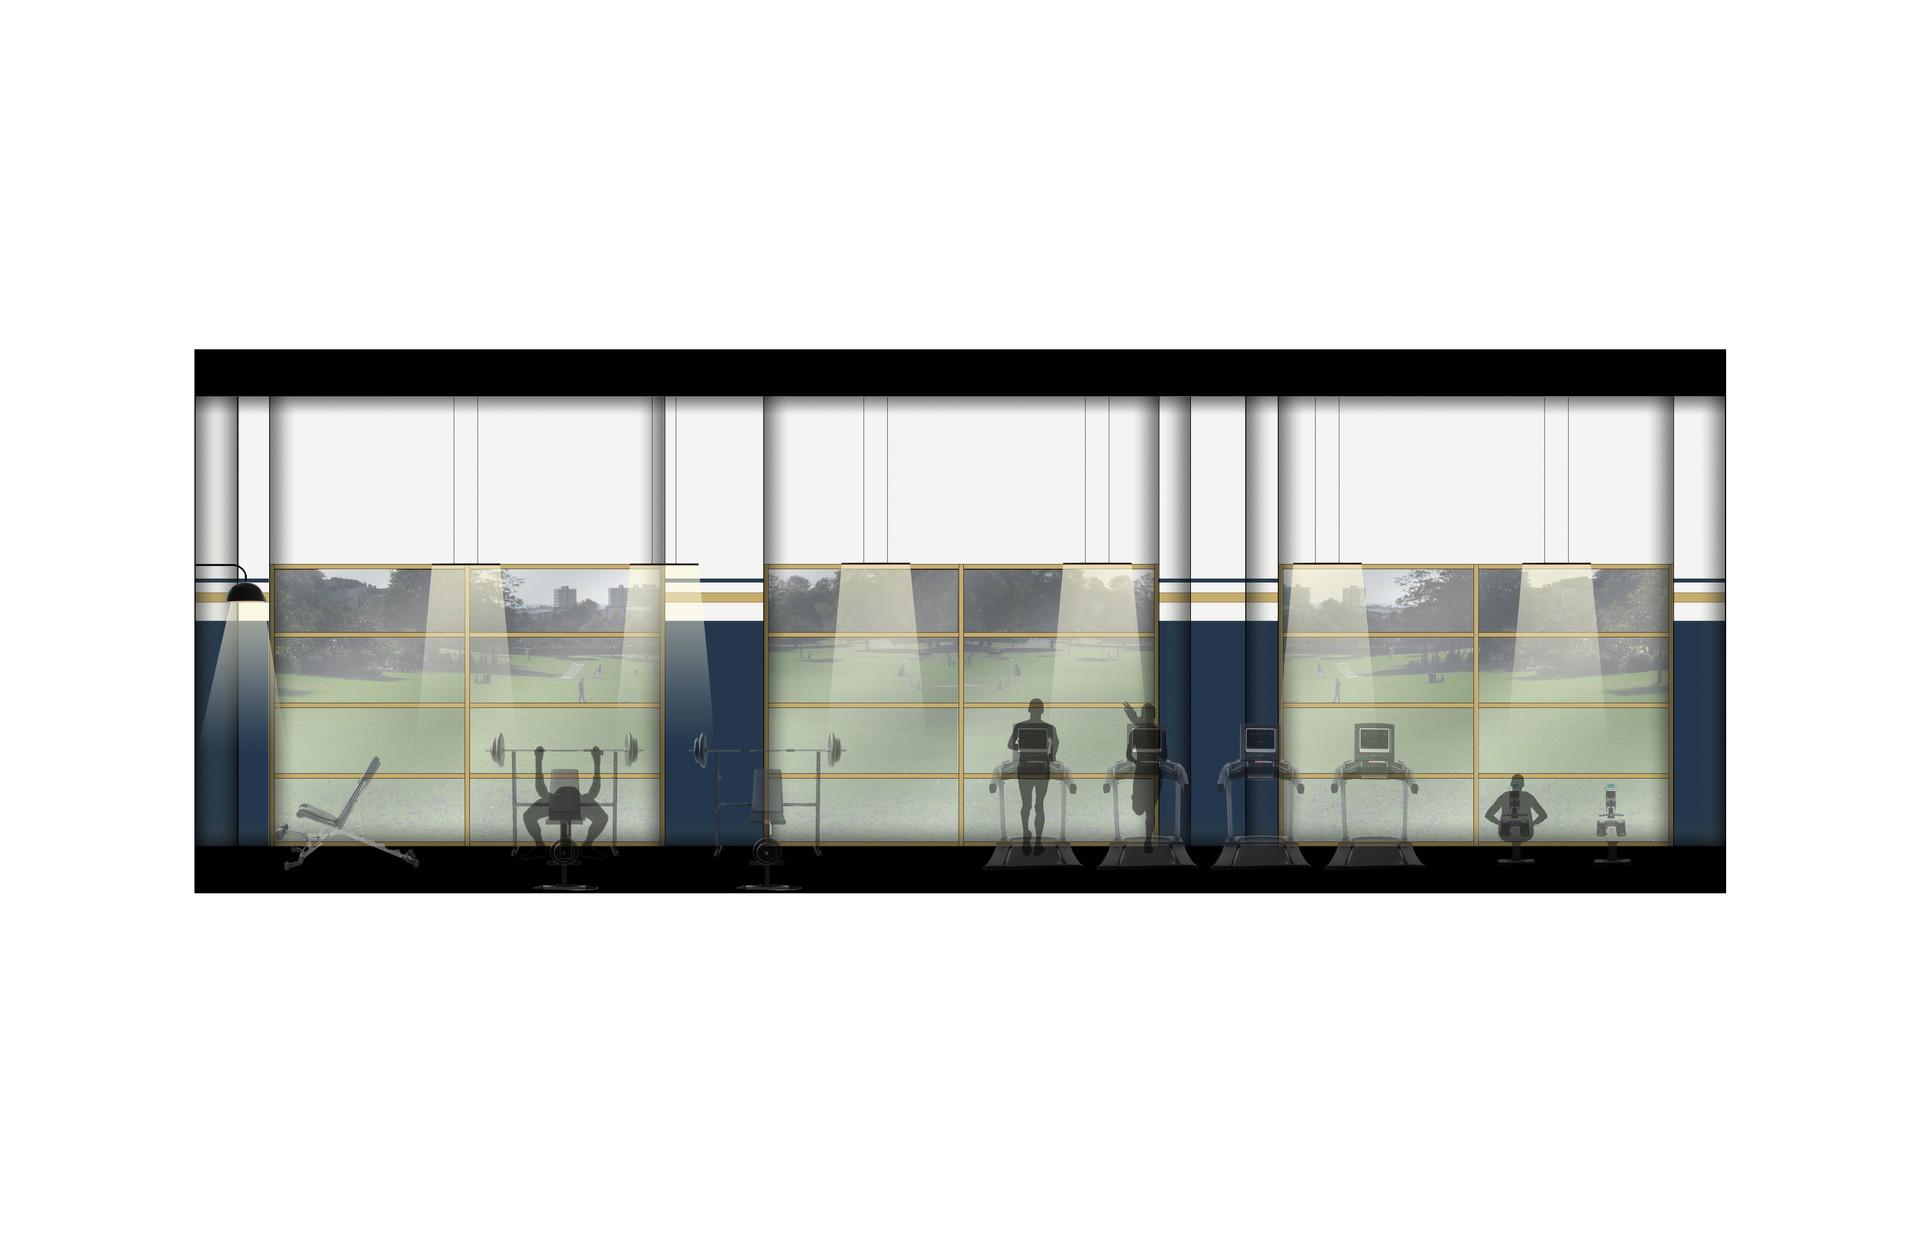 LVL1_Fitness_Garage Door Wall.jpg